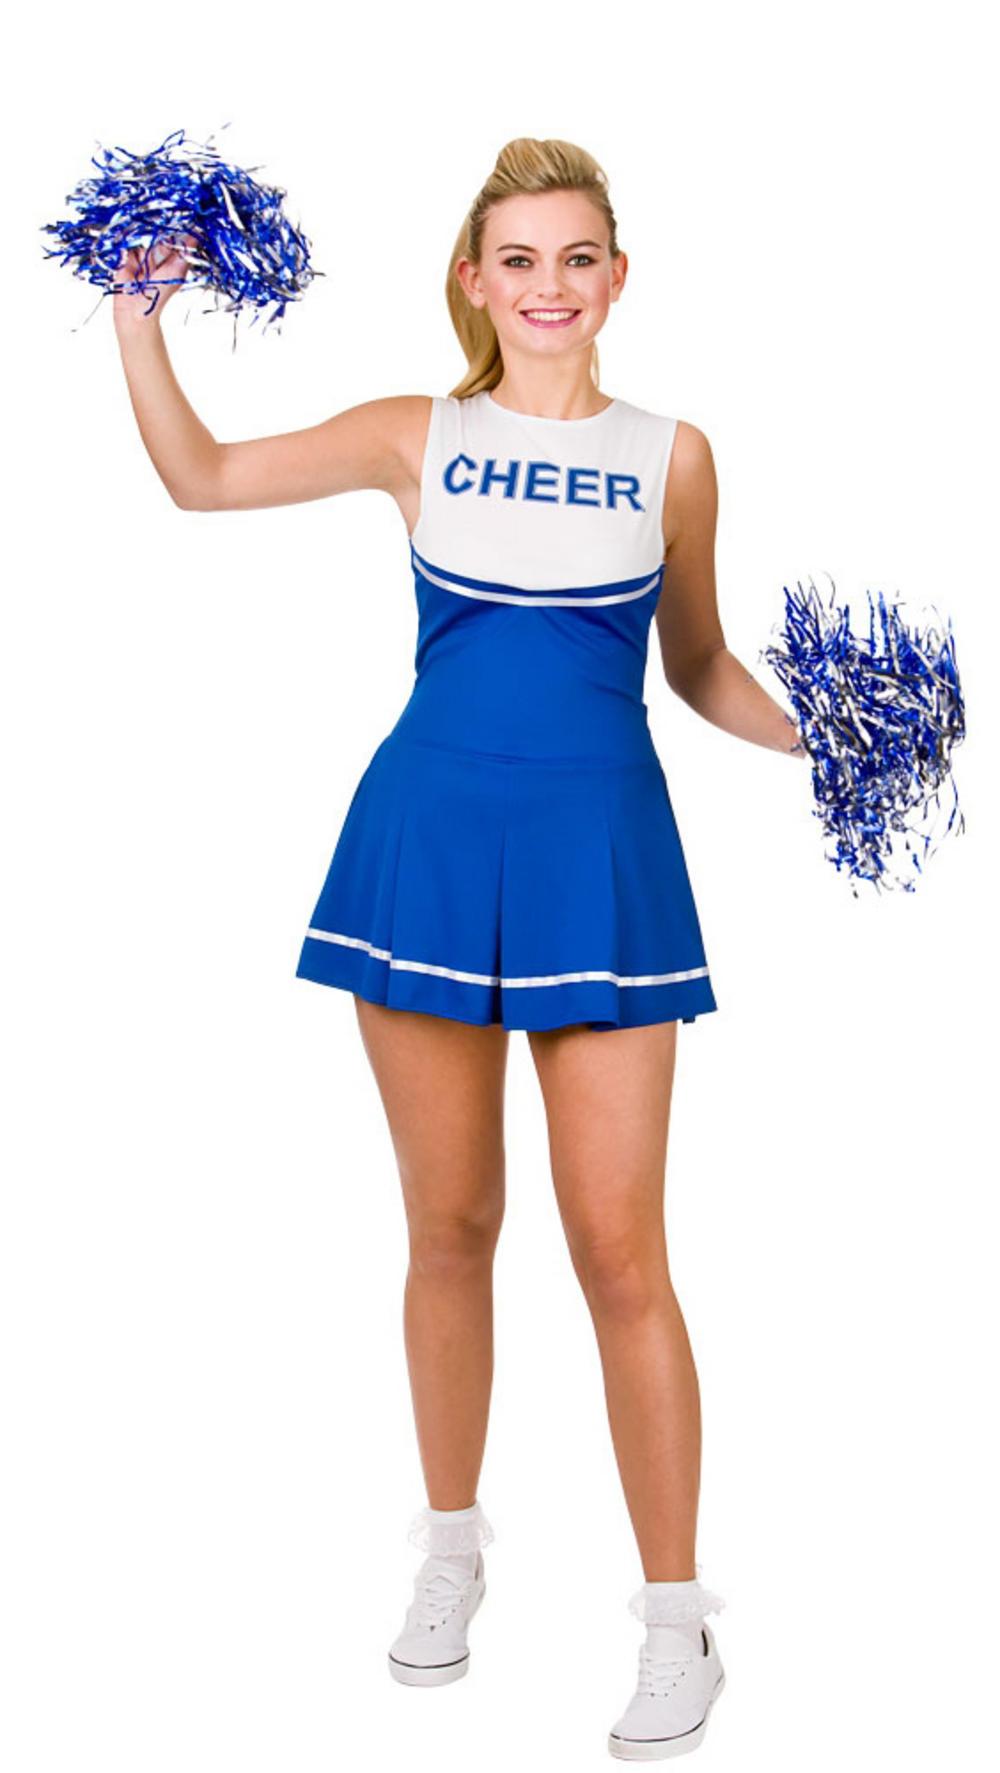 Blue/White Cheerleader Costume